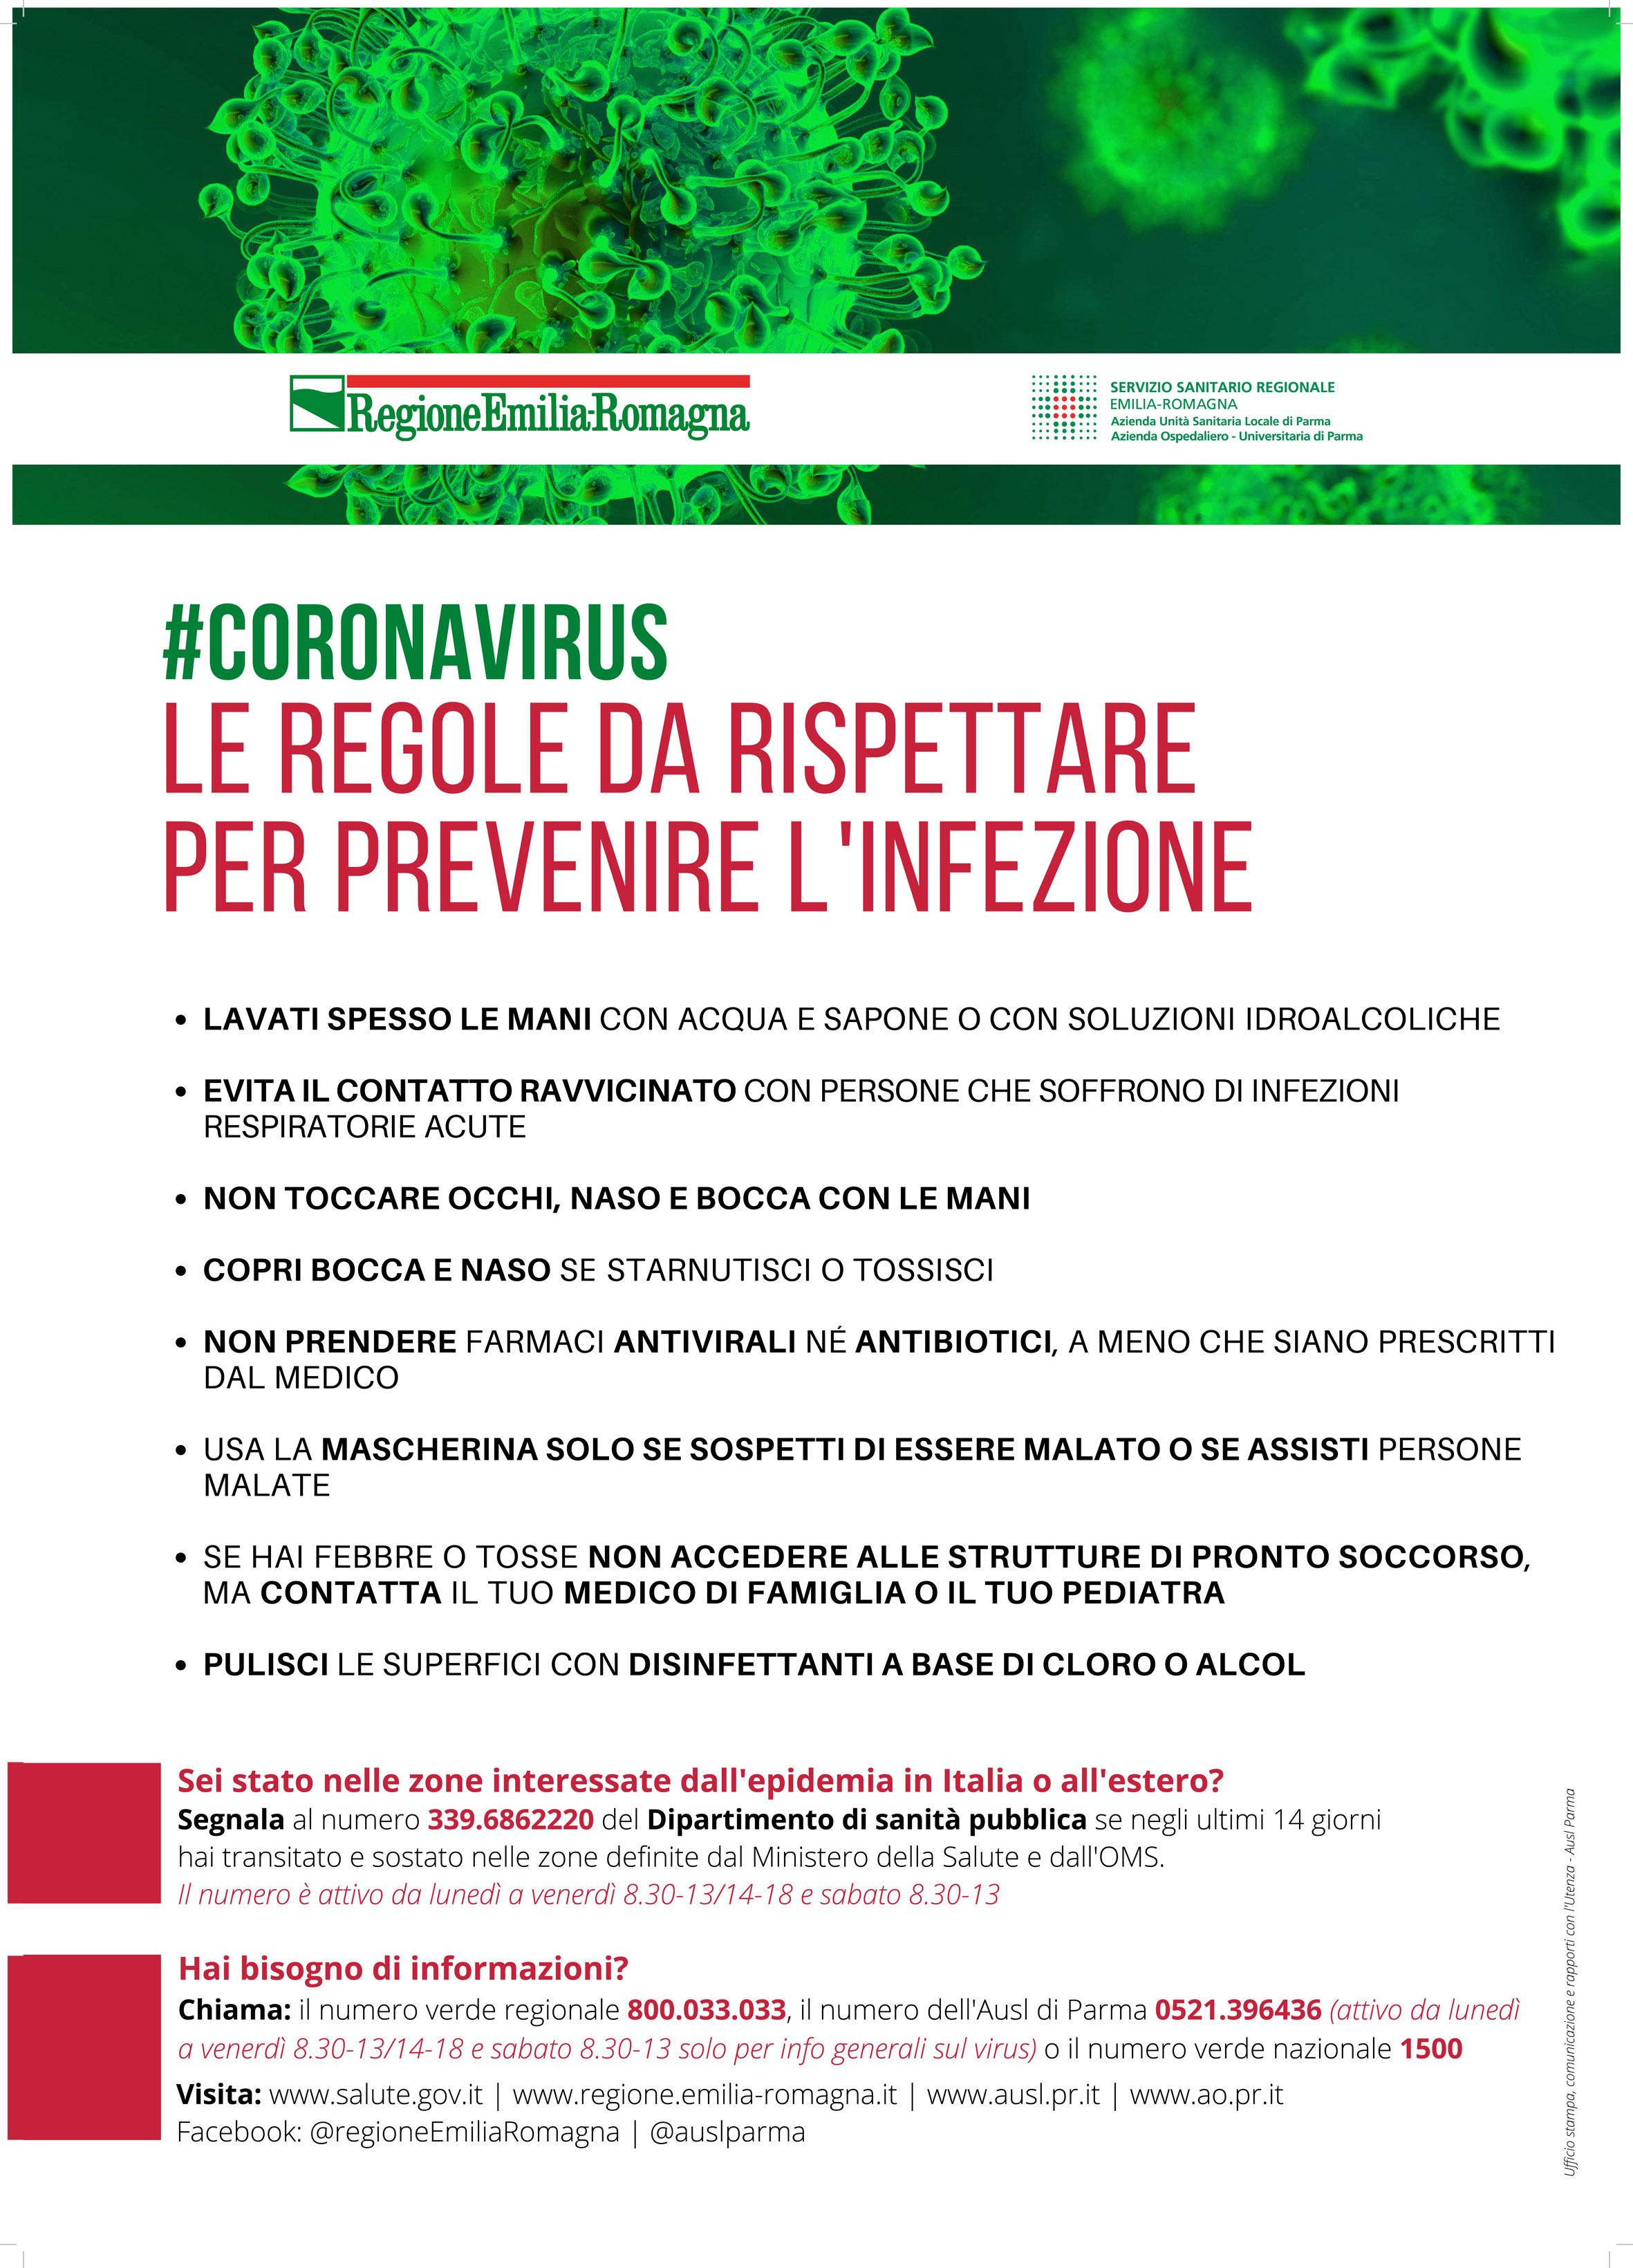 Coronavirus Emilia Romagna, plus de 2 000 morts. Mais l'infection ralentit toujours